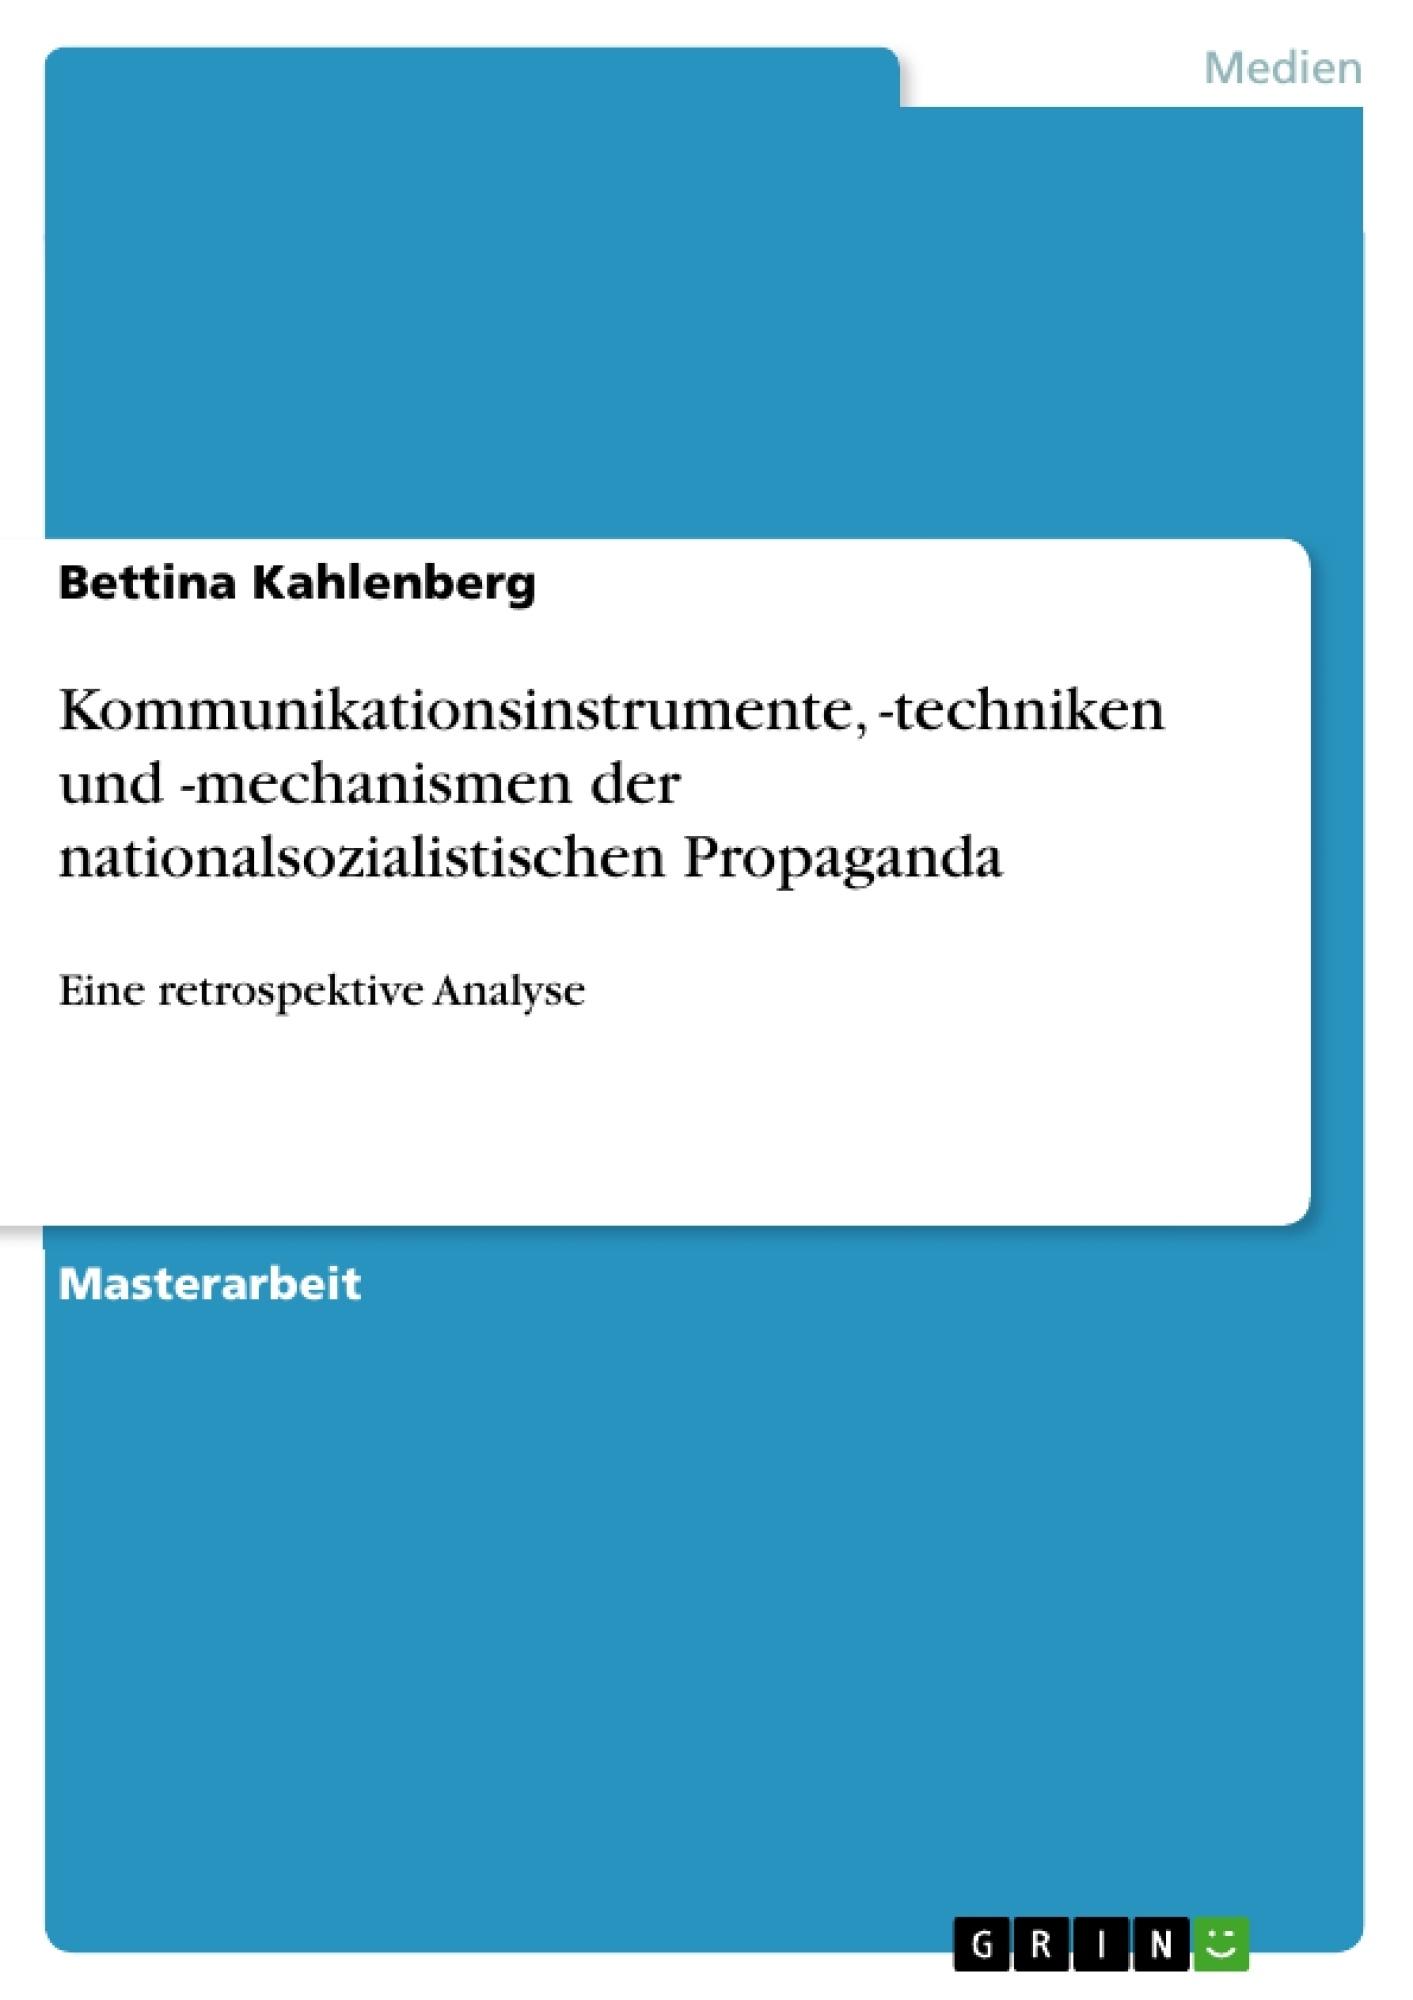 Titel: Kommunikationsinstrumente, -techniken und -mechanismen der nationalsozialistischen Propaganda